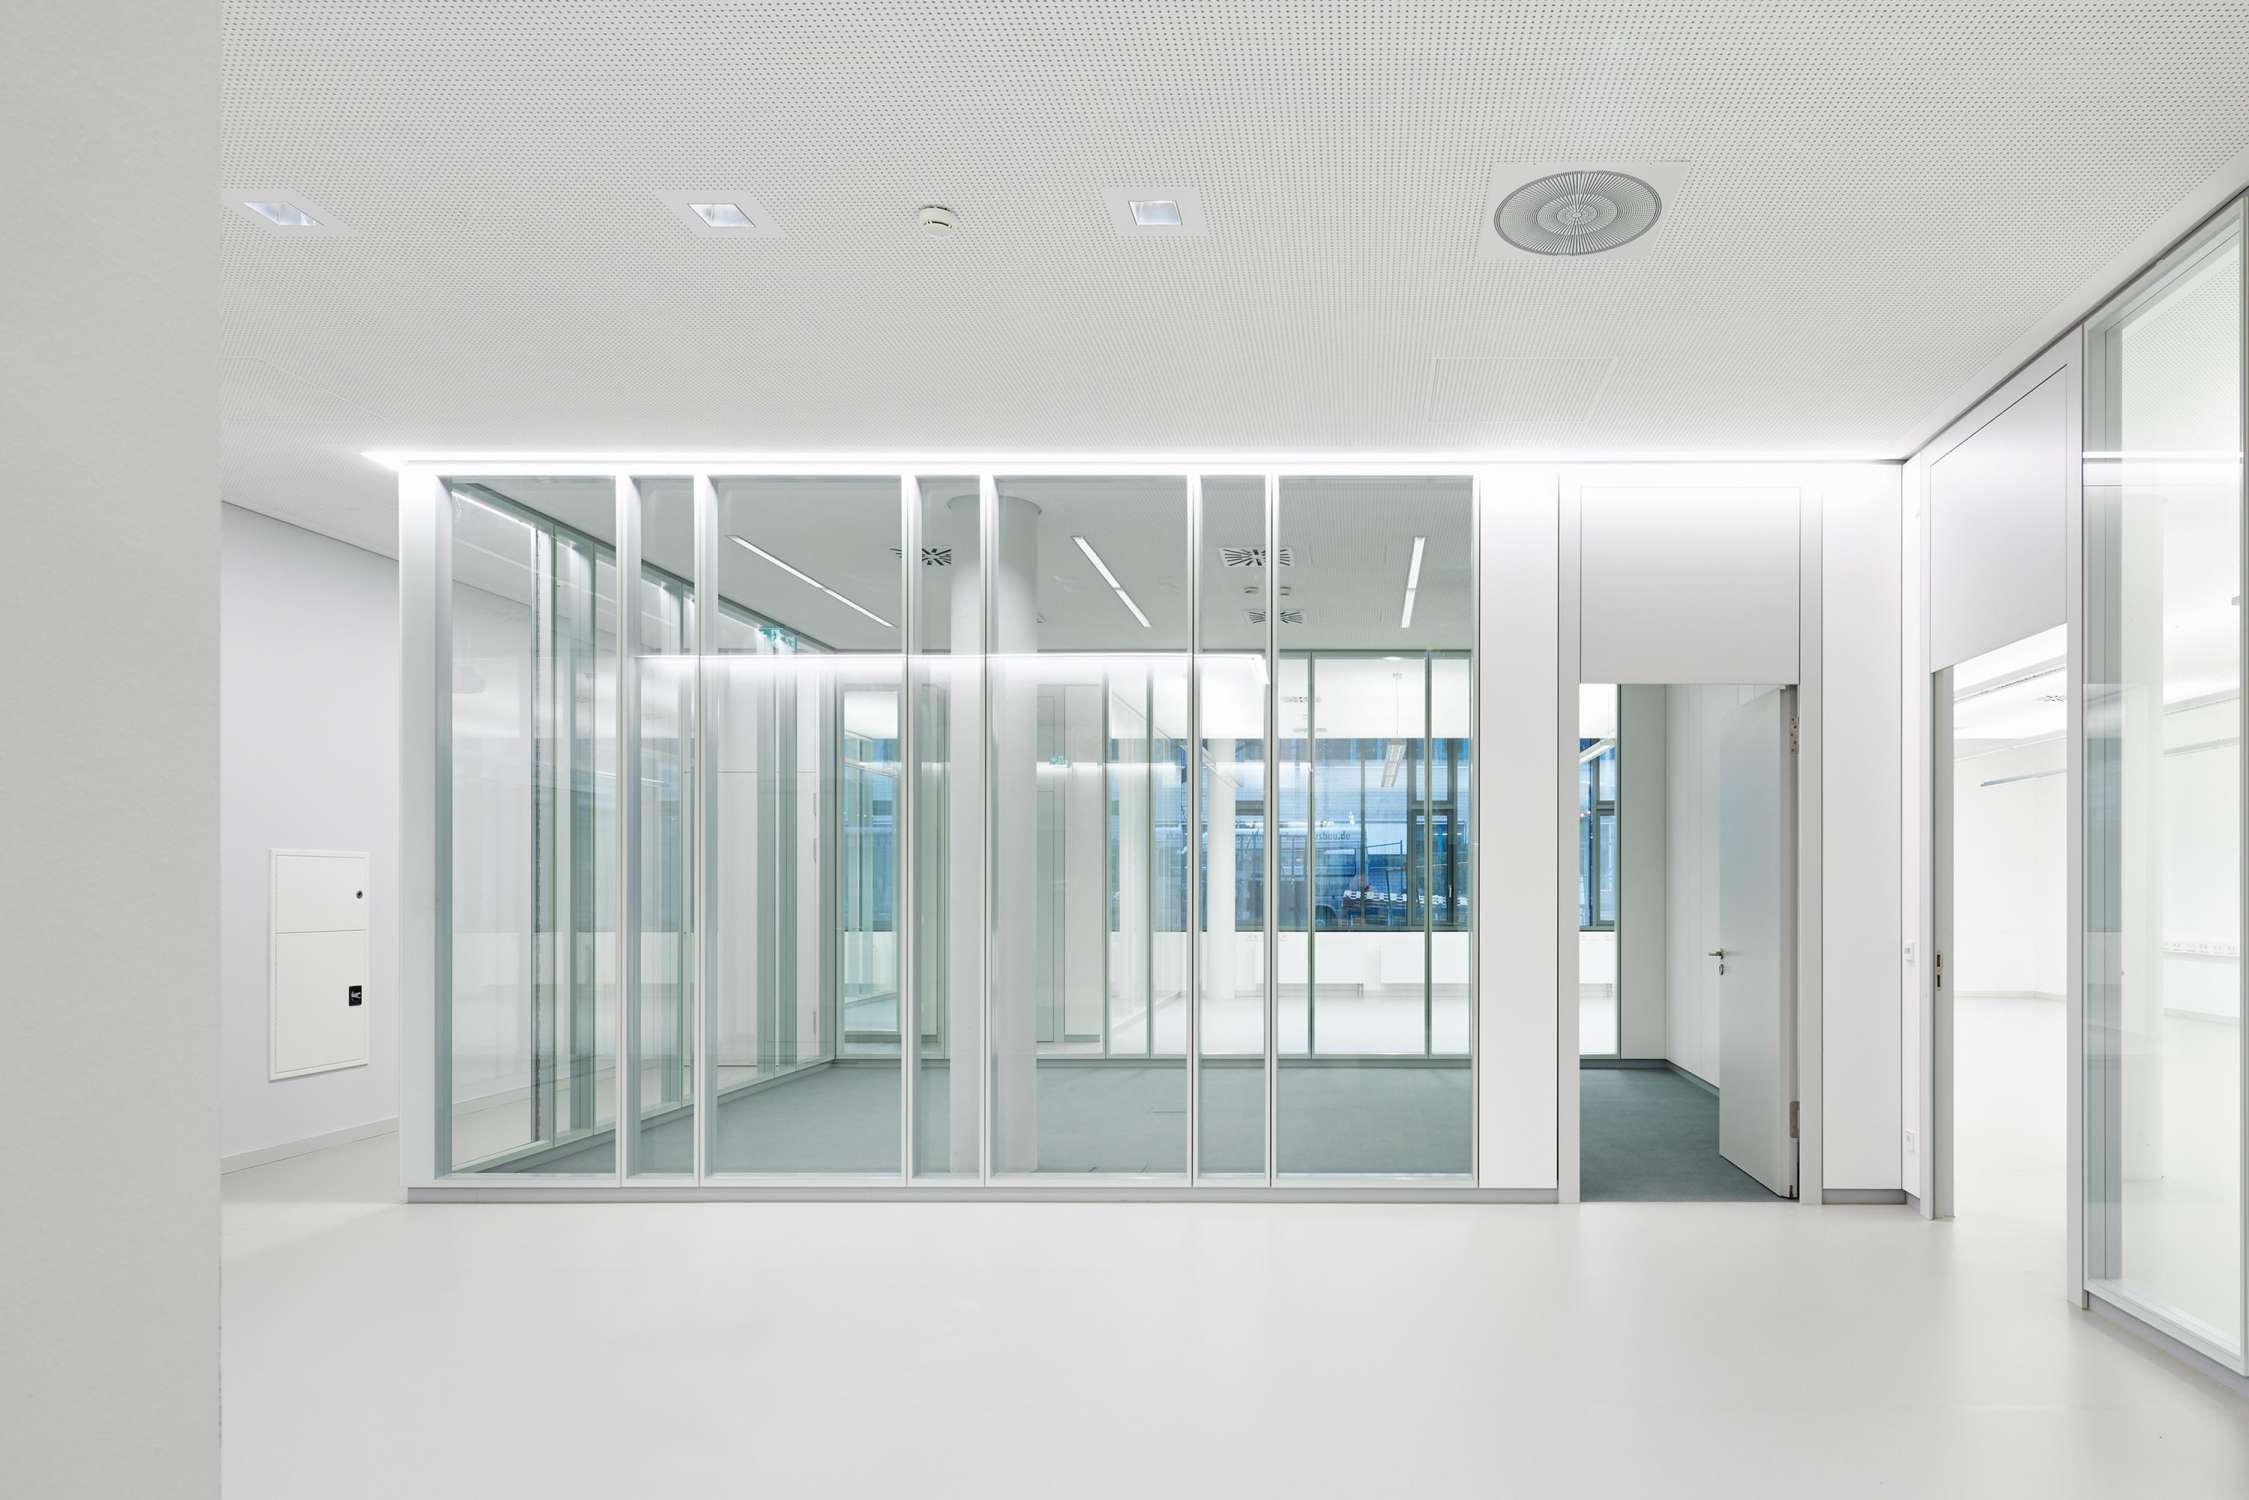 Büro- und Verwaltungsgebäude (11)